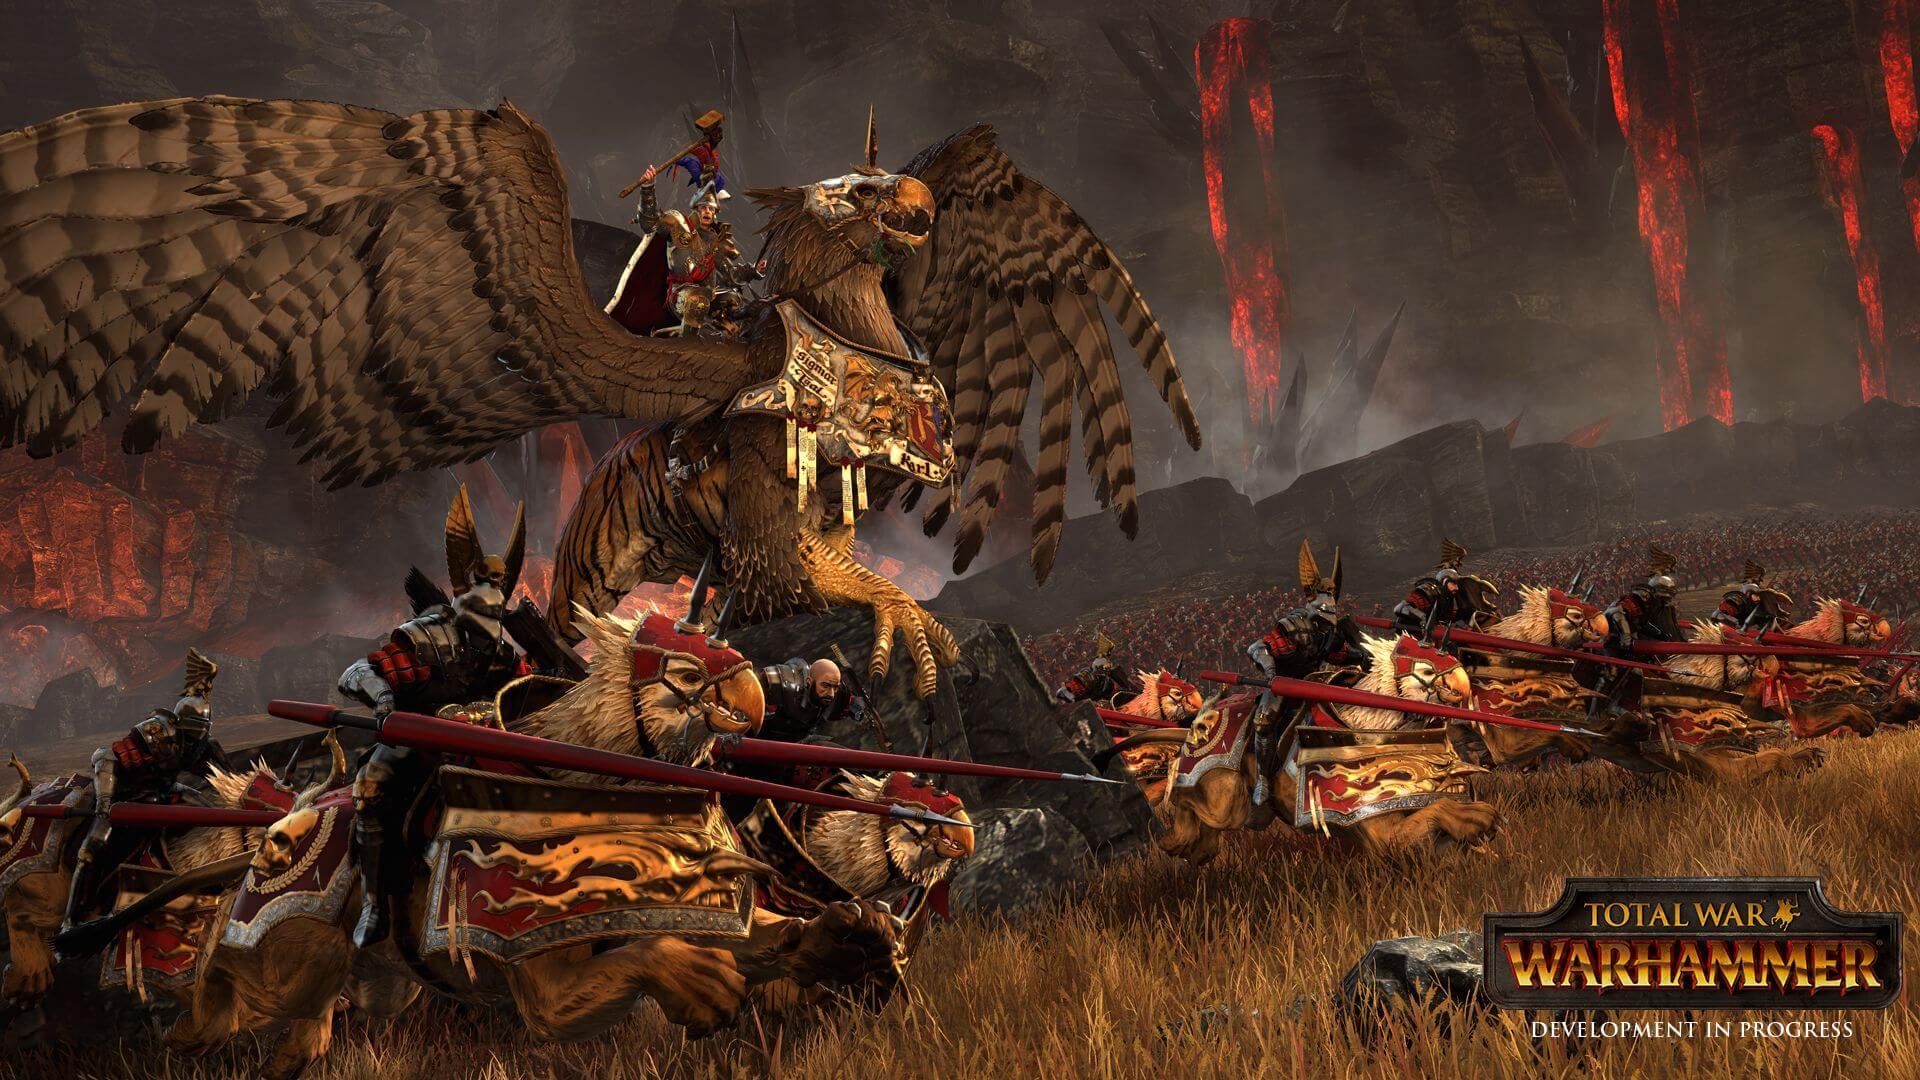 Total War: Warhammer First In-Engine Trailer